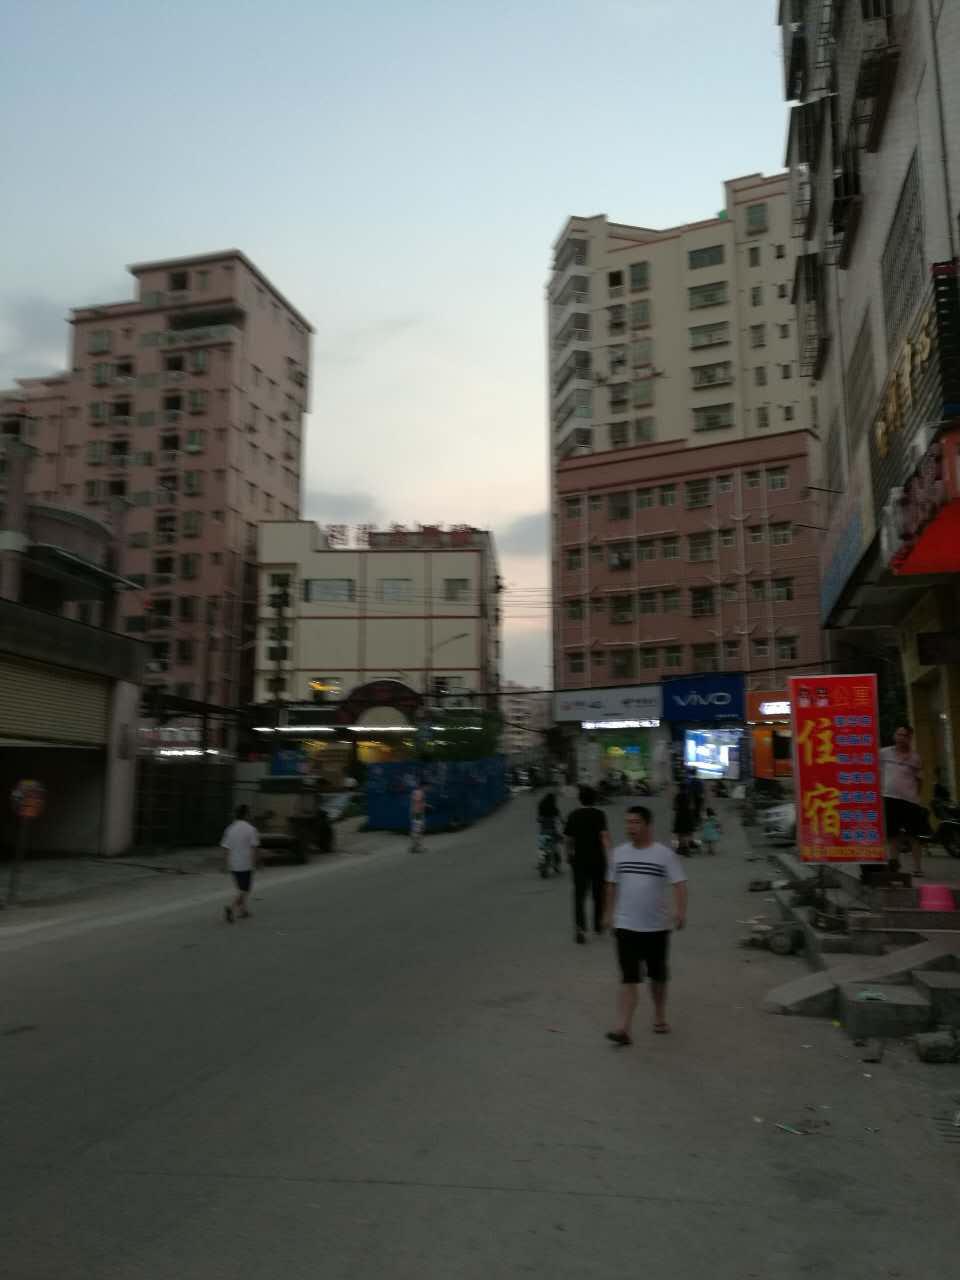 深圳厂房四层占地400㎡出租每月3万,公明塘尾公园附近距松柏路500米 租赁 第4张